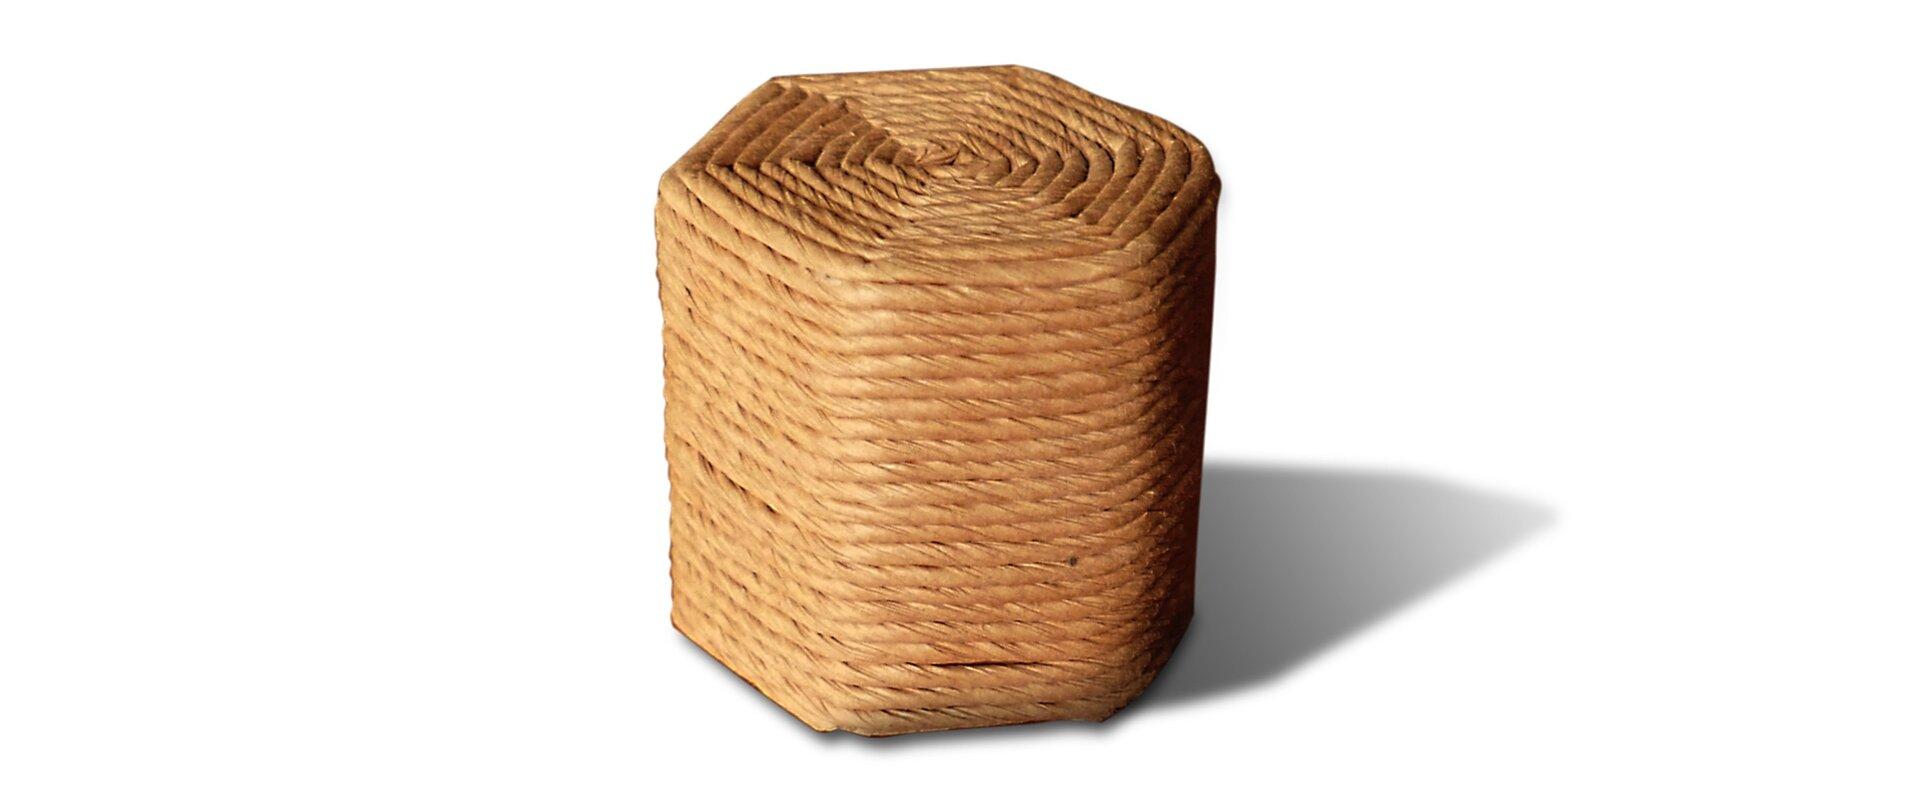 Rysunek bryły wkształcie graniastosłupa sześciokątnego.